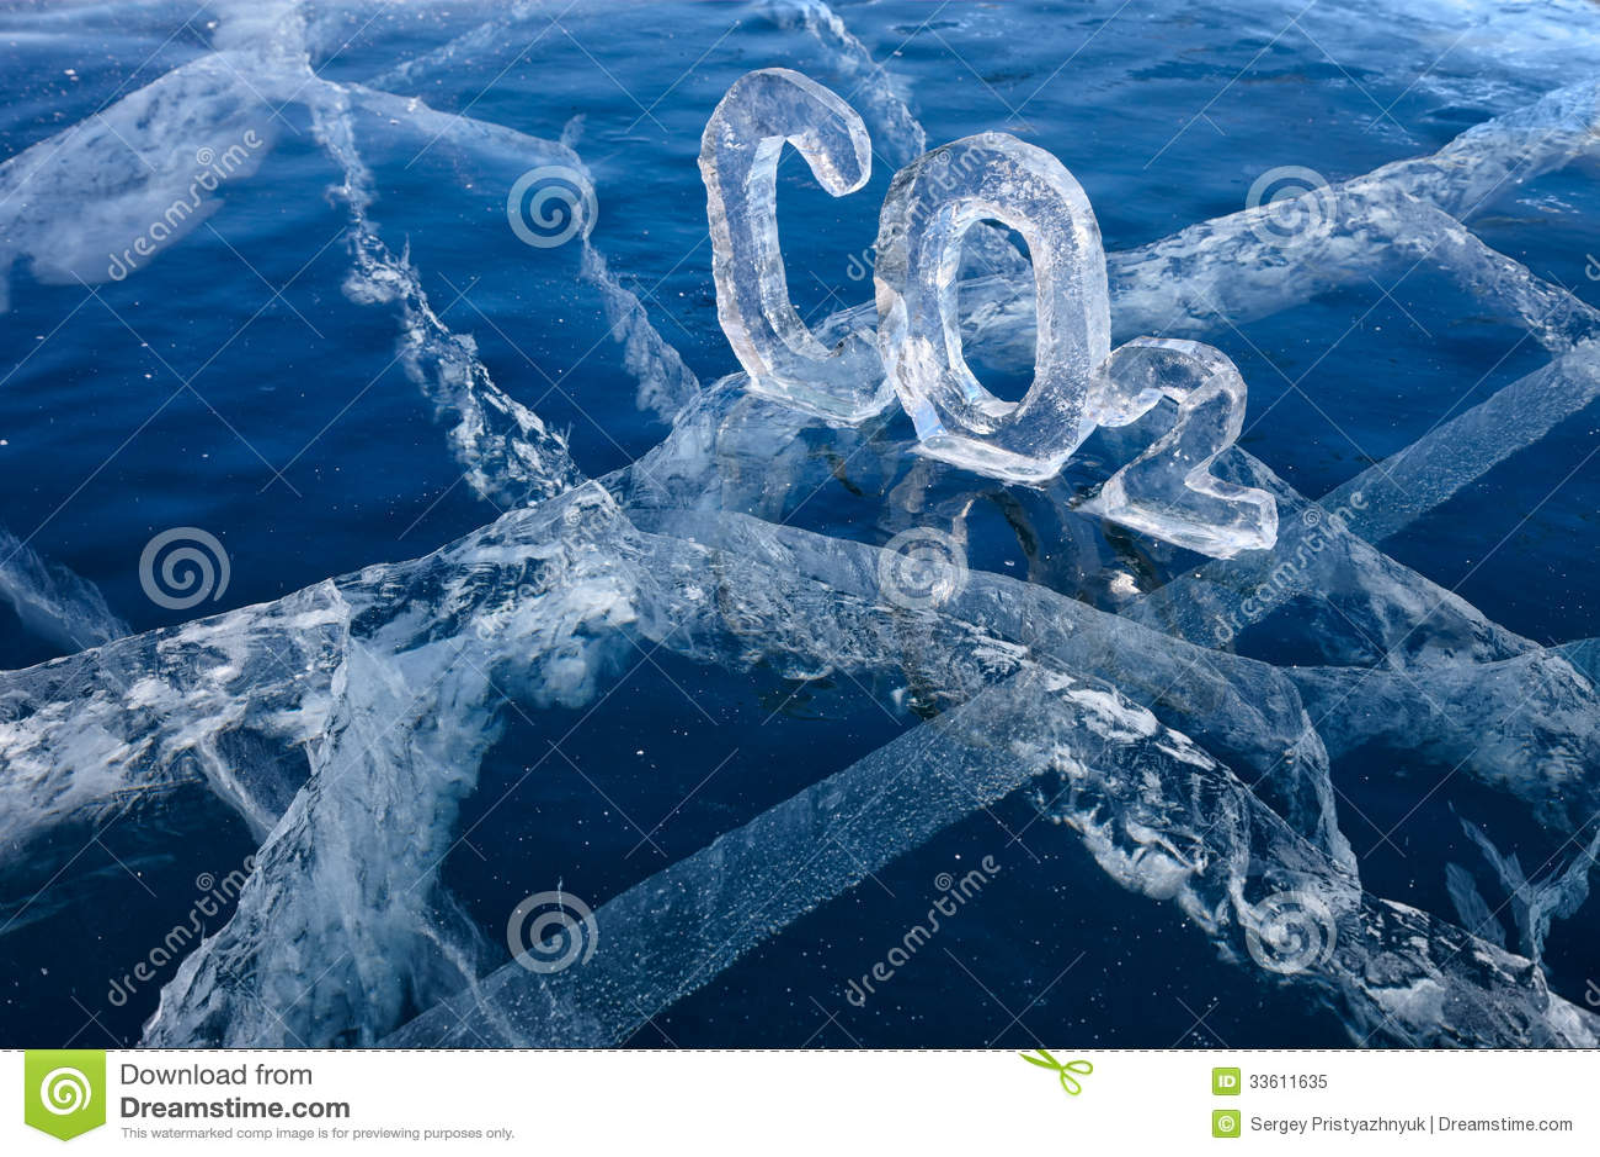 eisige chemische formel von kohlendioxyd co2 lizenzfreies stockfoto bild 33611635. Black Bedroom Furniture Sets. Home Design Ideas